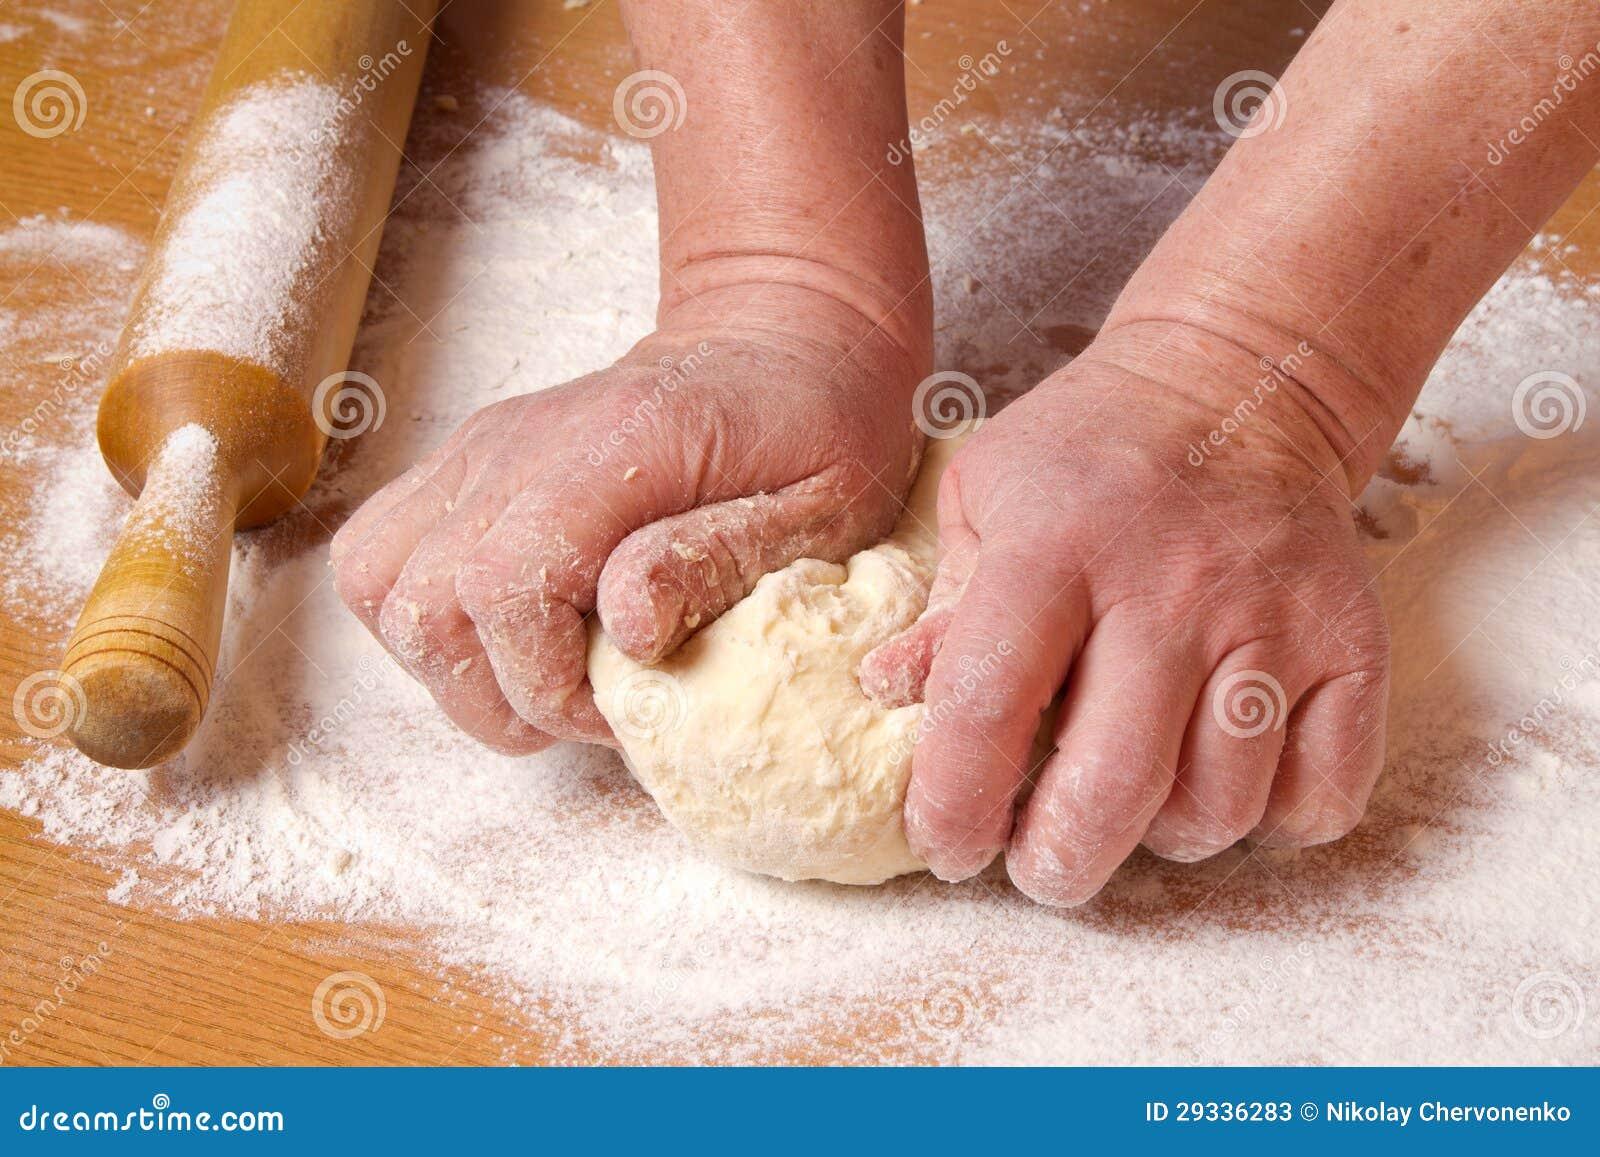 Τα χέρια του αρτοποιού ζυμώνουν μια ζύμη κομματιού